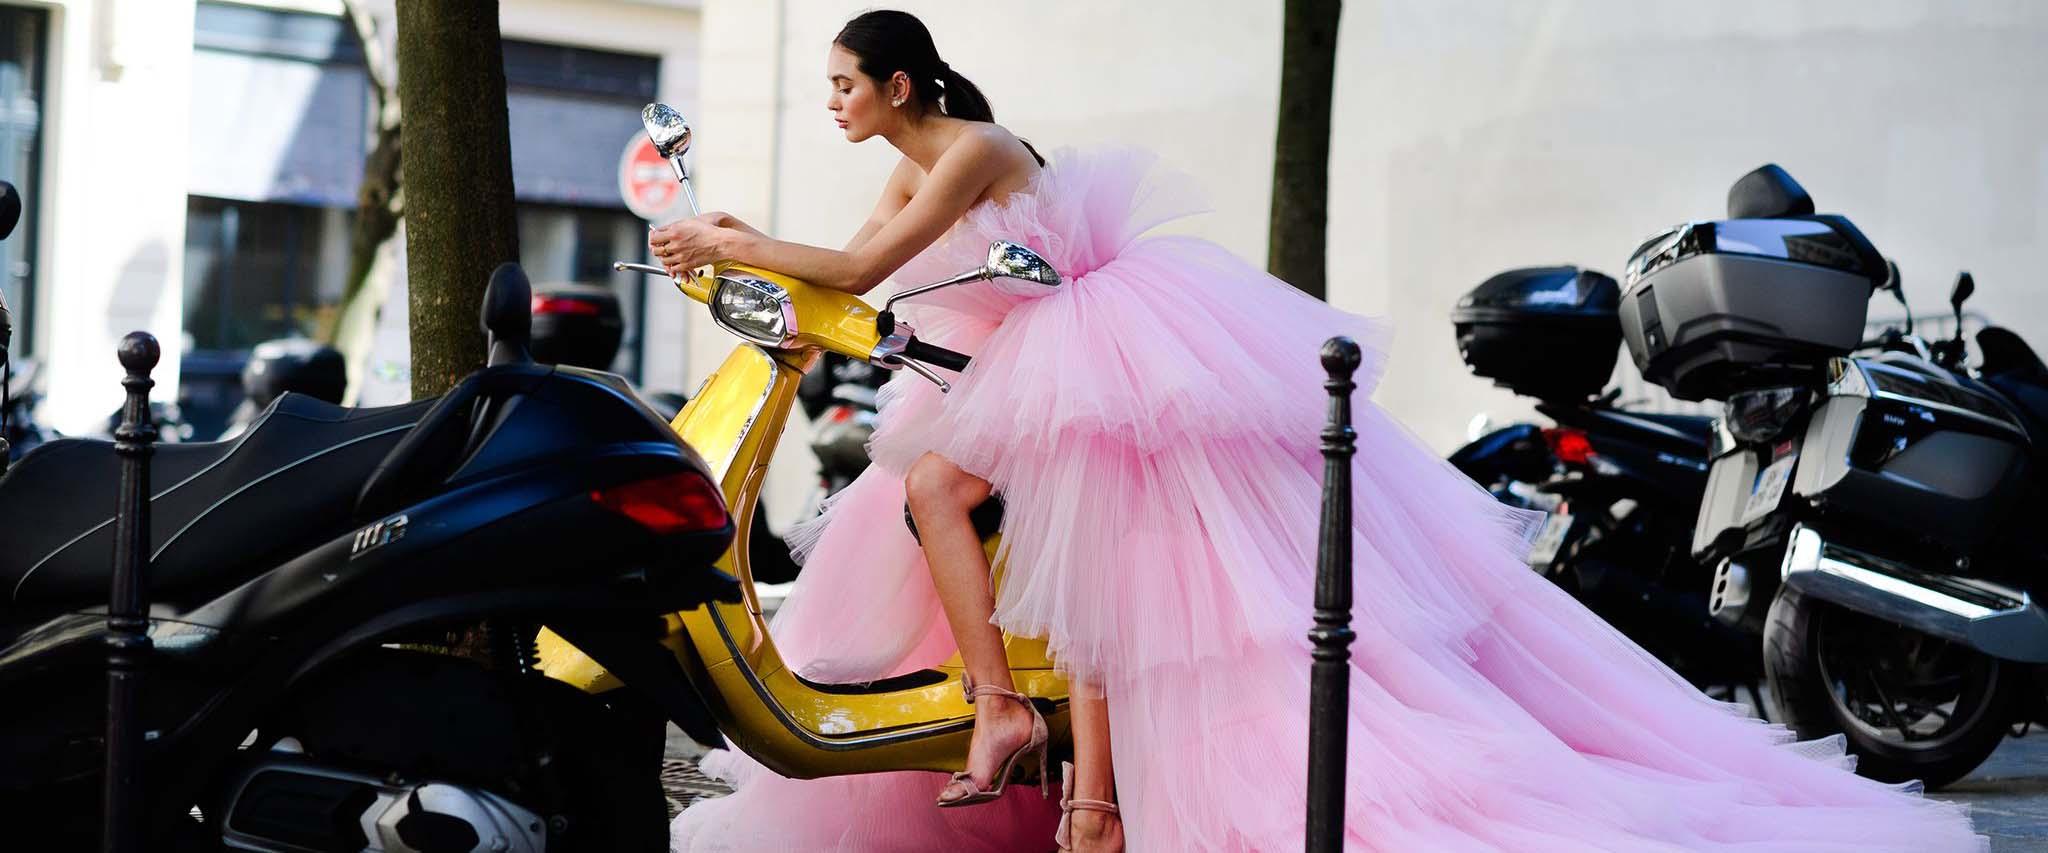 纽约、伦敦、米兰和巴黎的成衣秀,以及柏林、悉尼、首尔、东京、斯德哥尔摩和哥本哈根等新兴的时尚中心,都引领着巴黎的高级定制时装,在今年的1月和7月,世界上最前卫、最具创意的理念在少数设计师的时装秀上亮相。